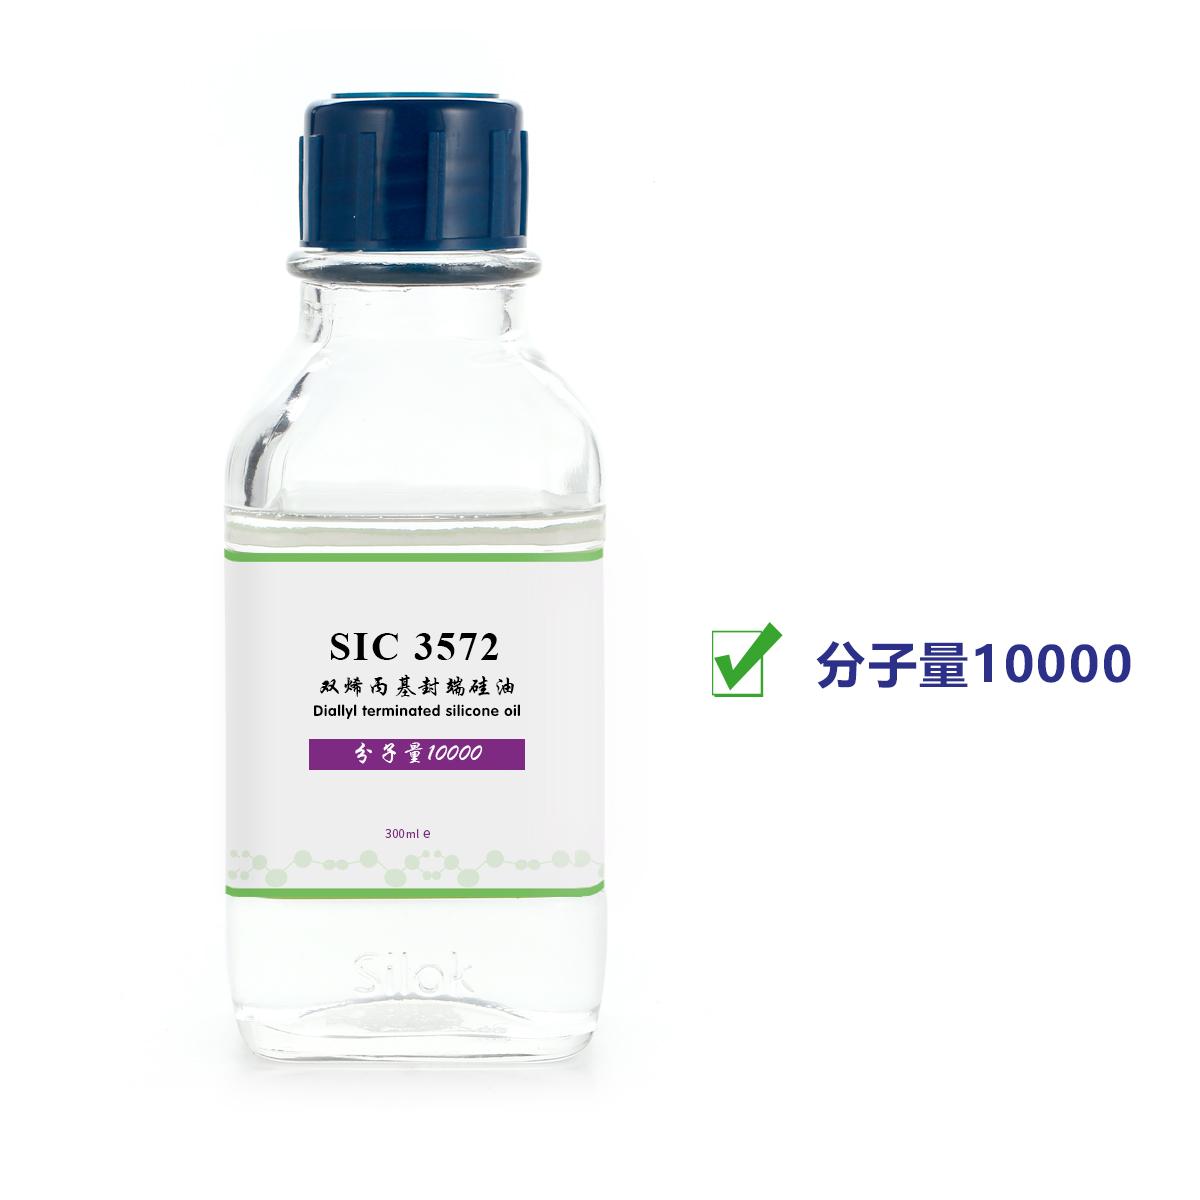 双烯丙基封端硅油